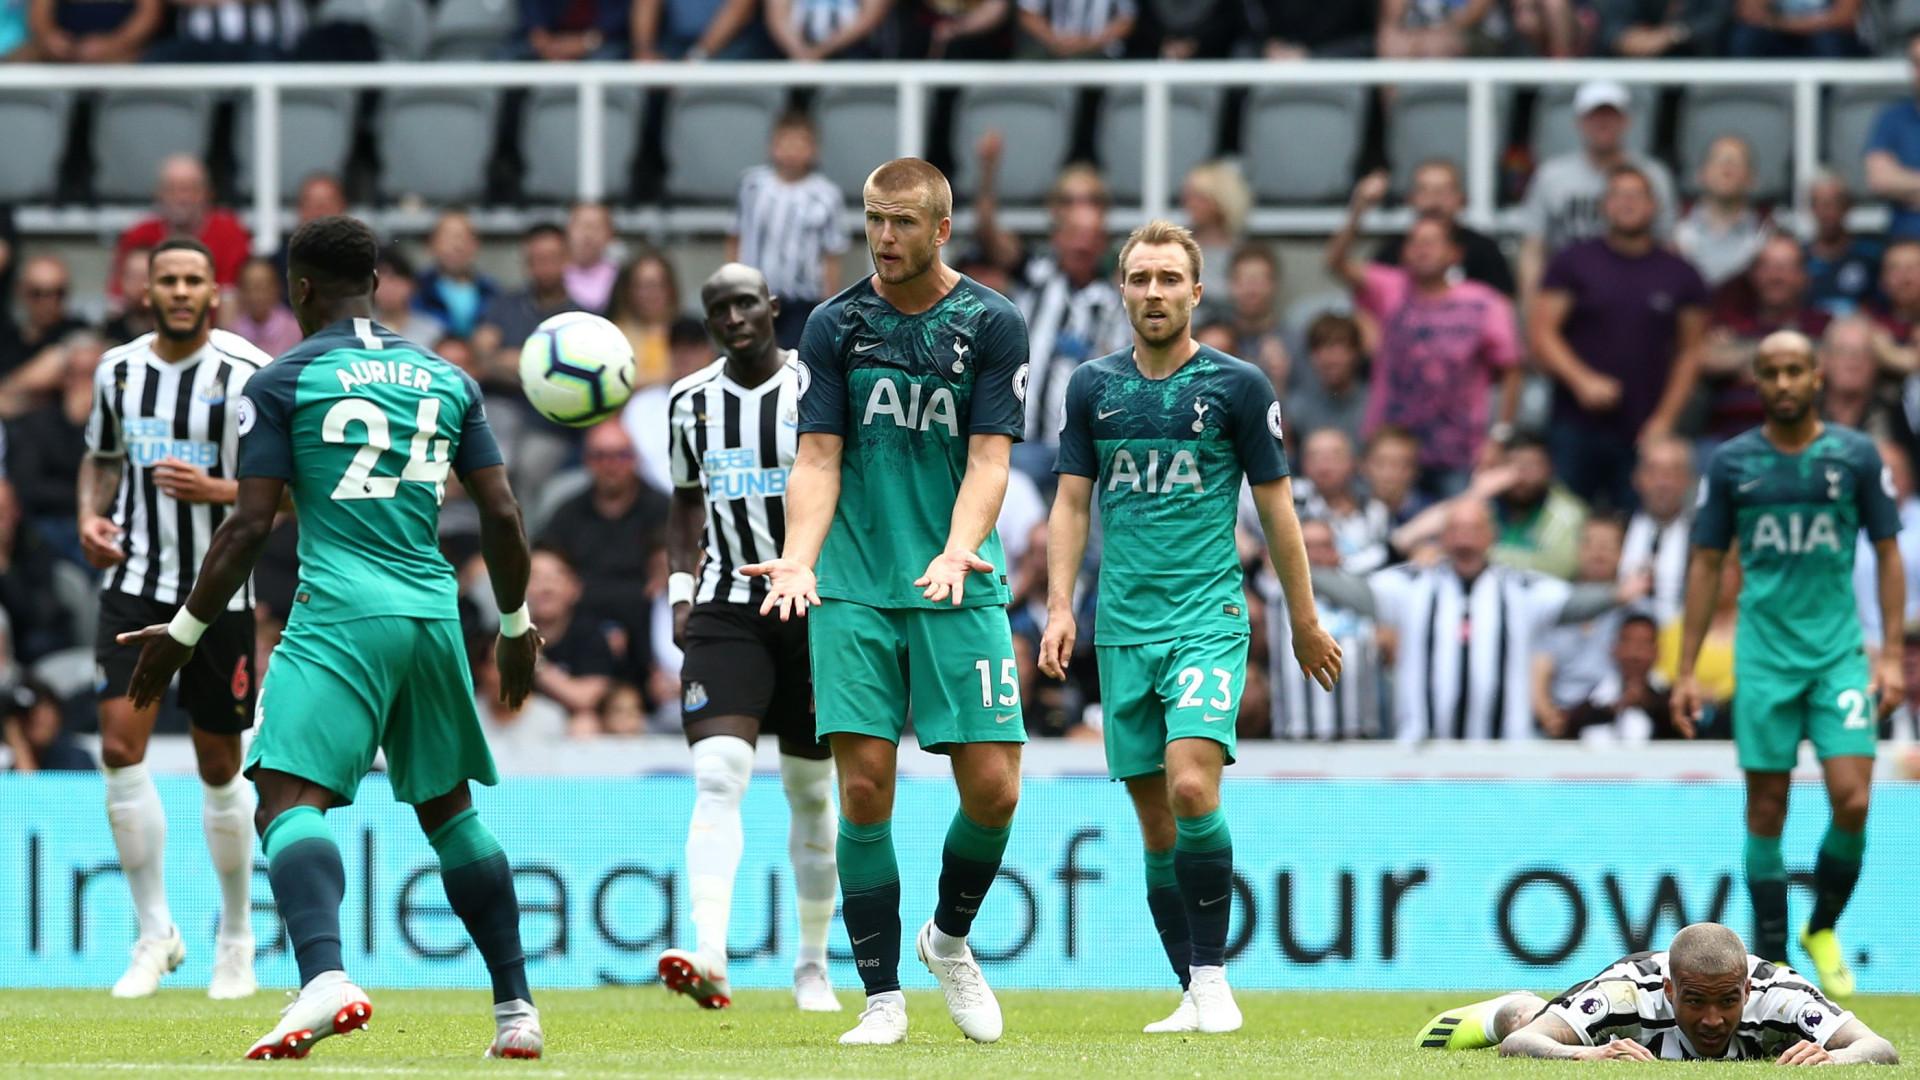 Tottenham estreia-se na Liga inglesa com triunfo em Newcastle